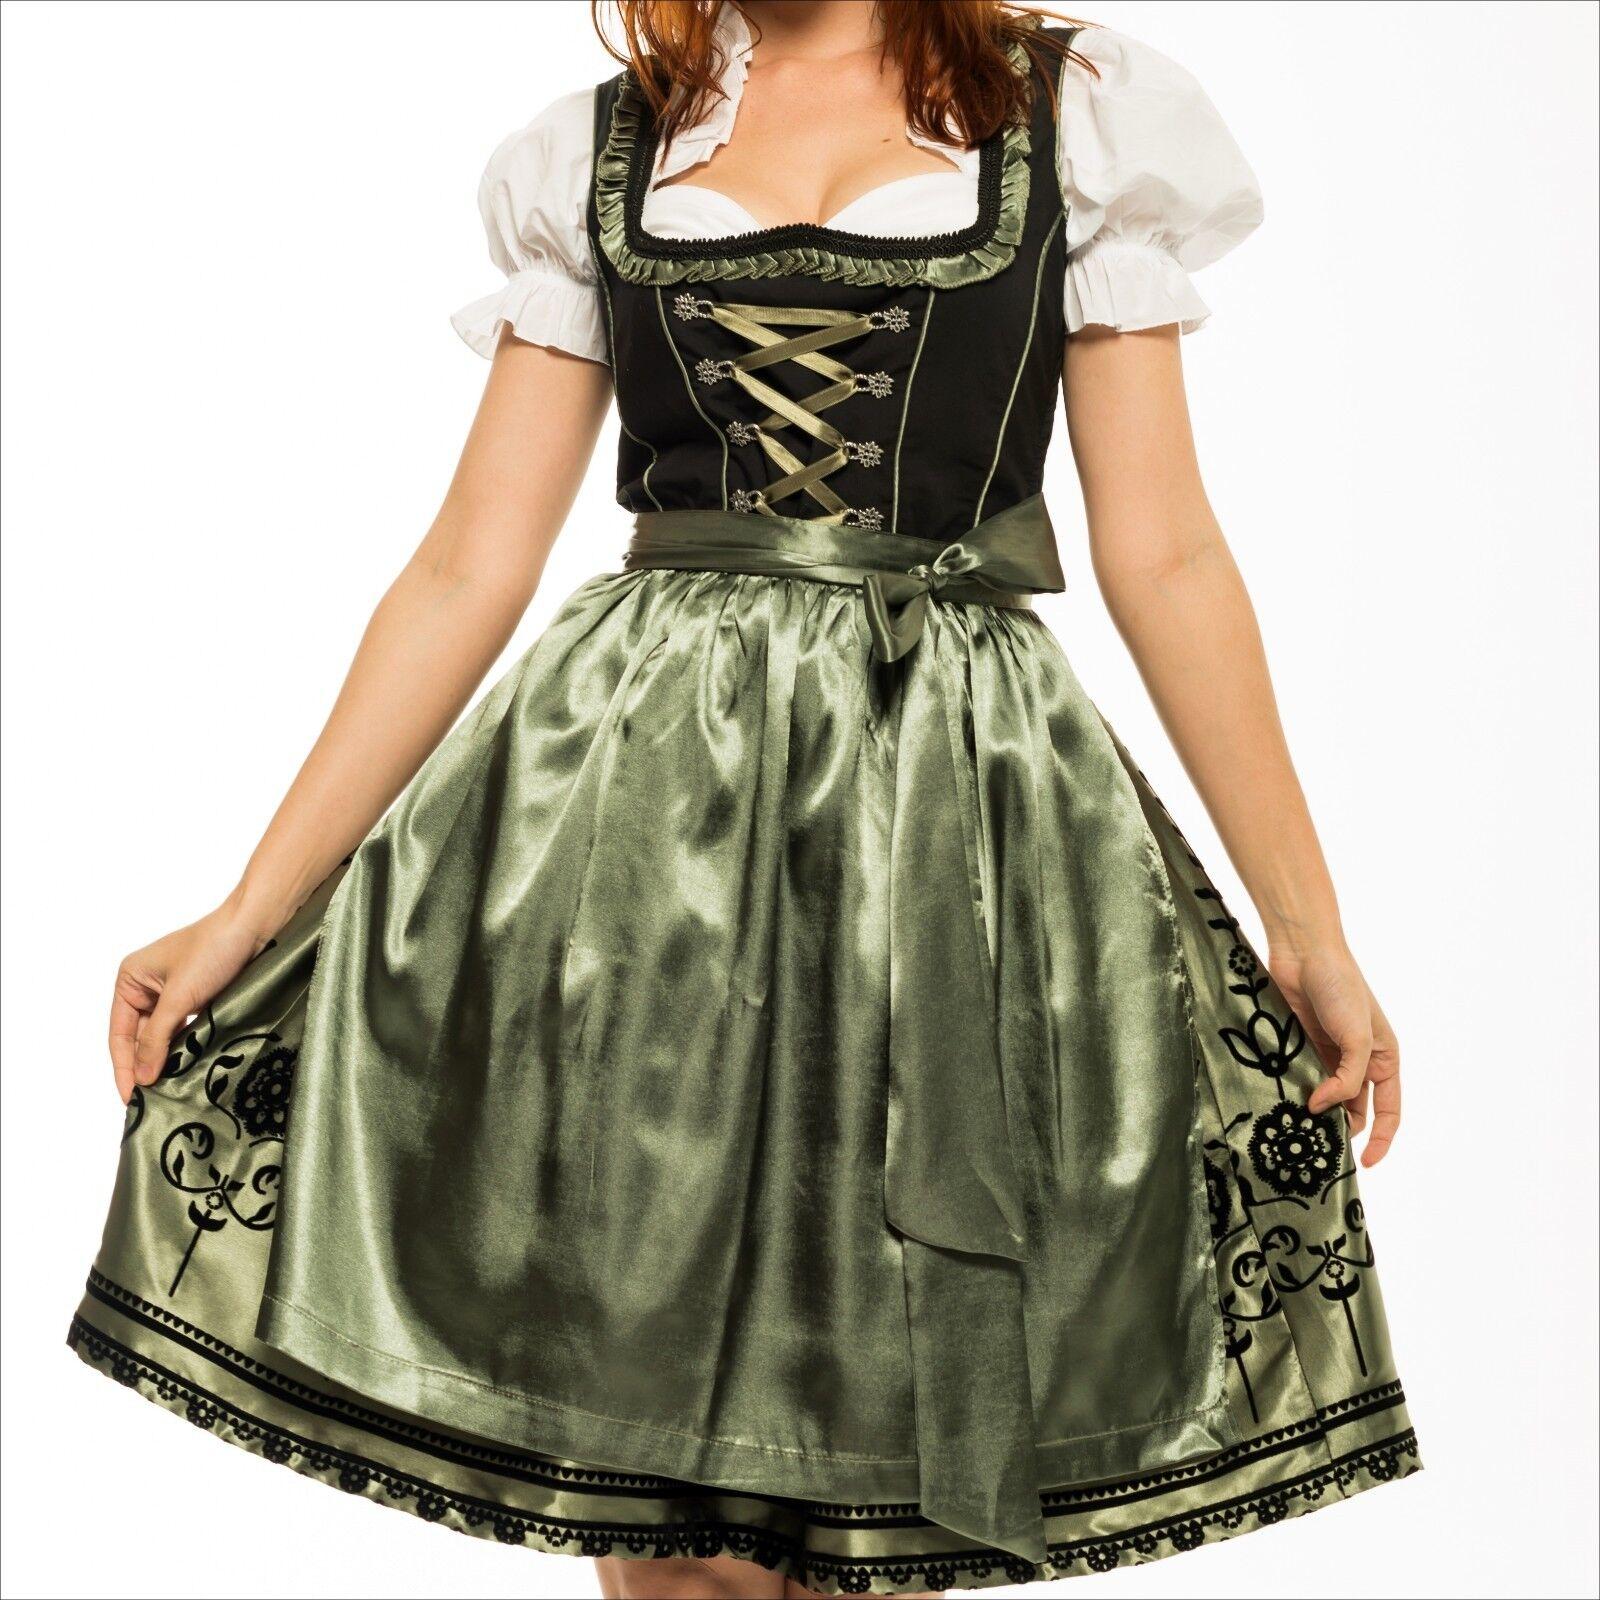 октябре этого из германии одежда картинки для признаками алкогольного опьянения